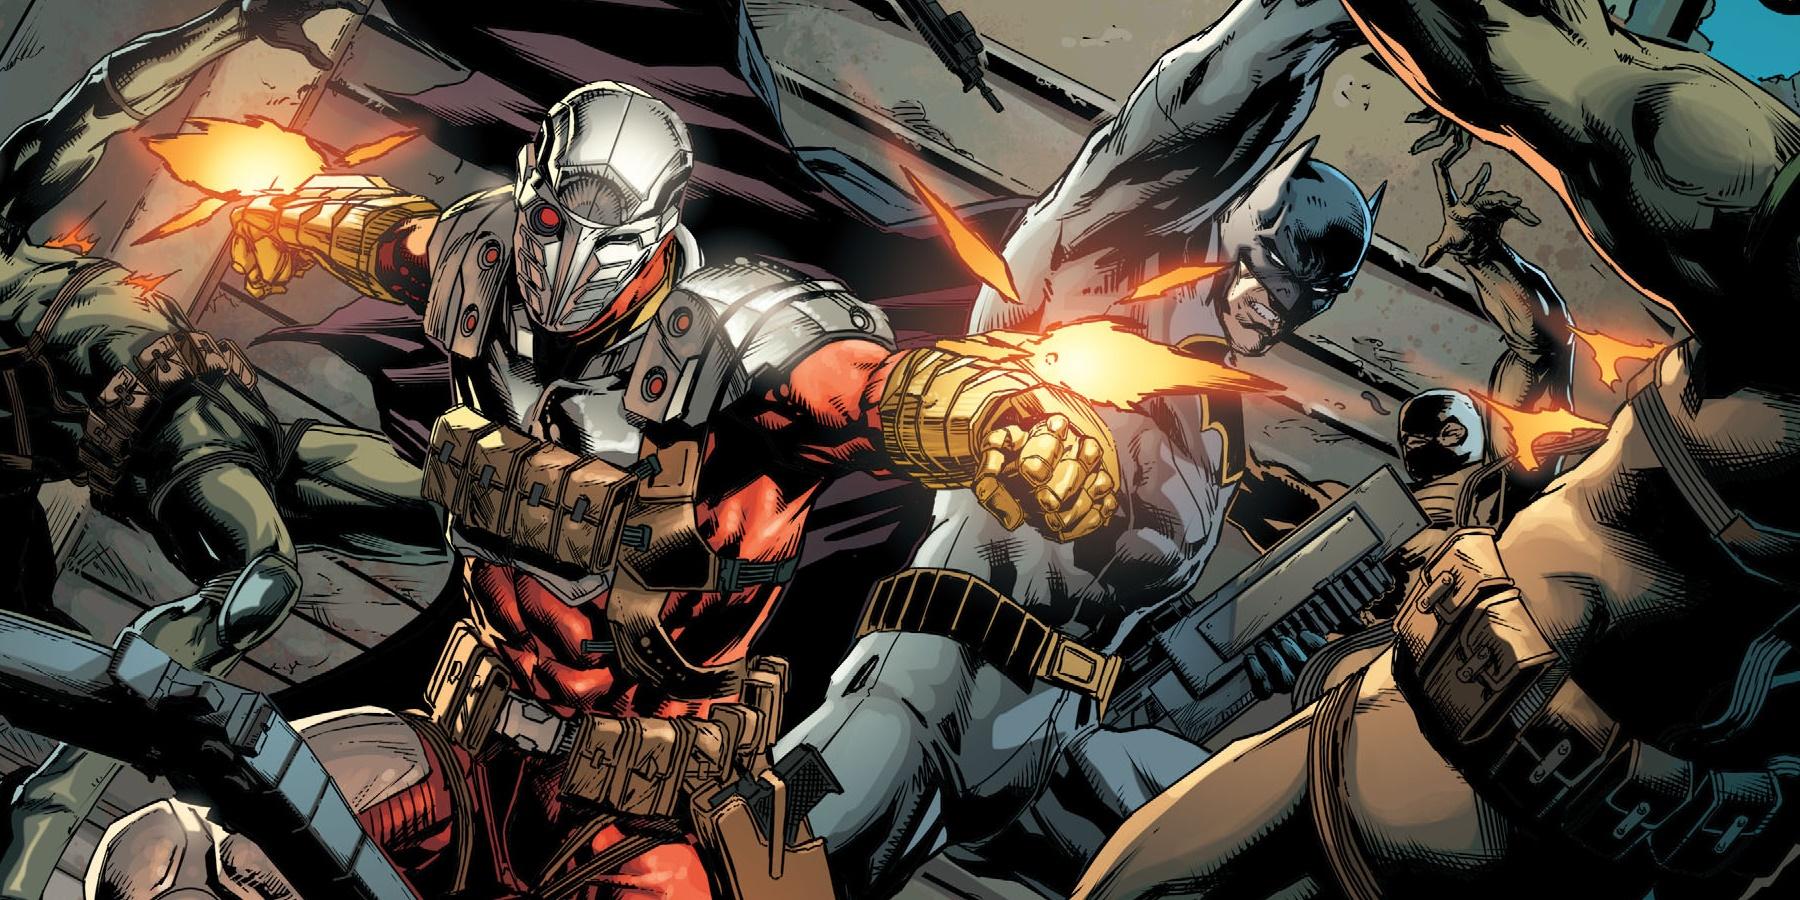 dc comics announces justice league vs suicide squad miniseries. Black Bedroom Furniture Sets. Home Design Ideas